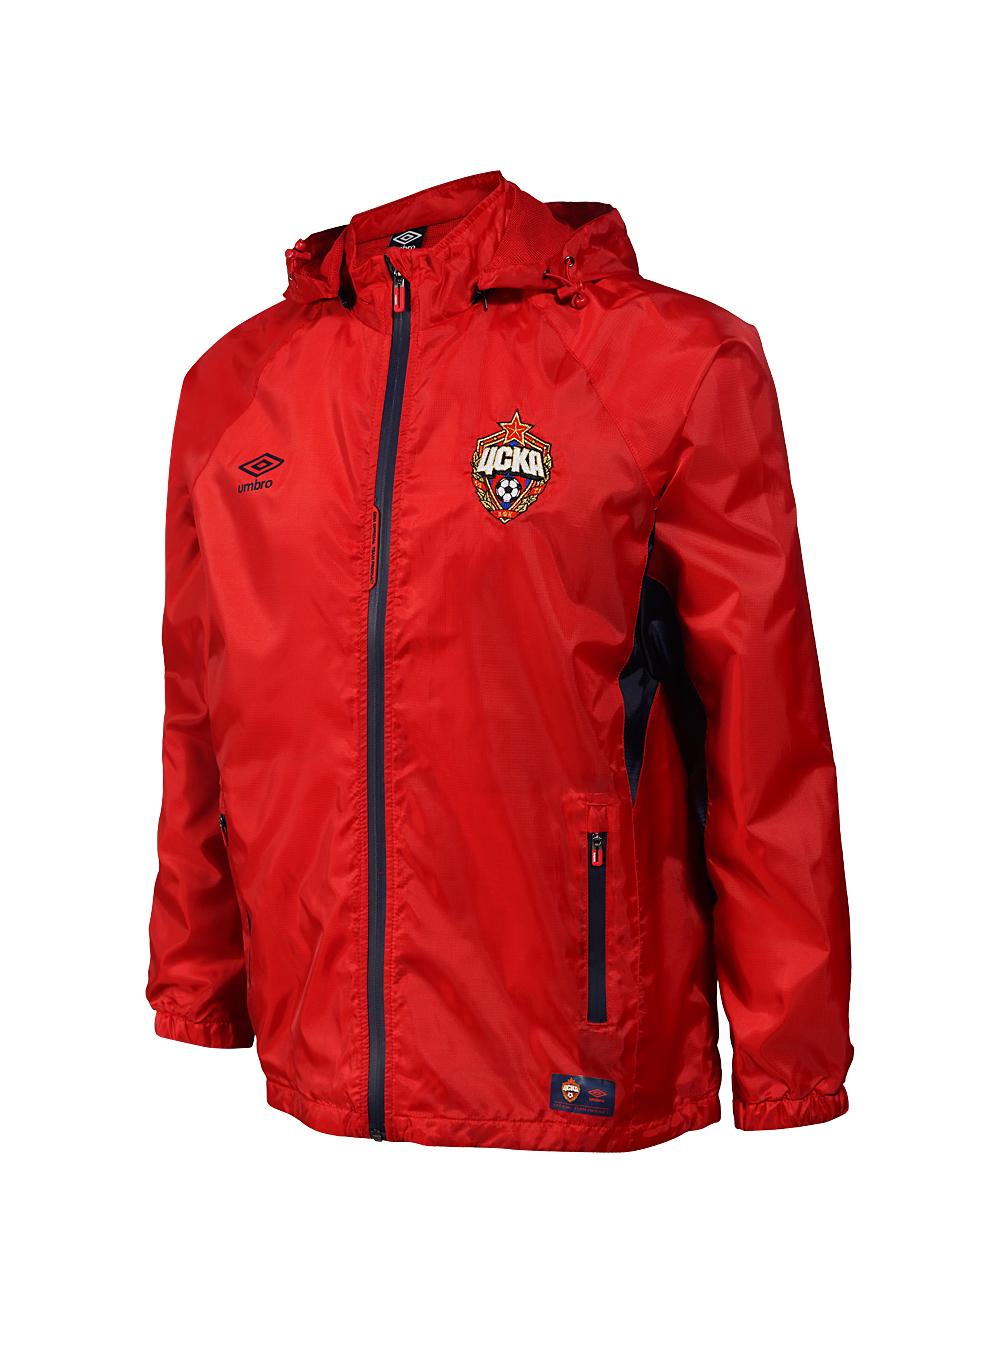 Купить Куртка ветрозащитная красная (XXL) по Нижнему Новгороду